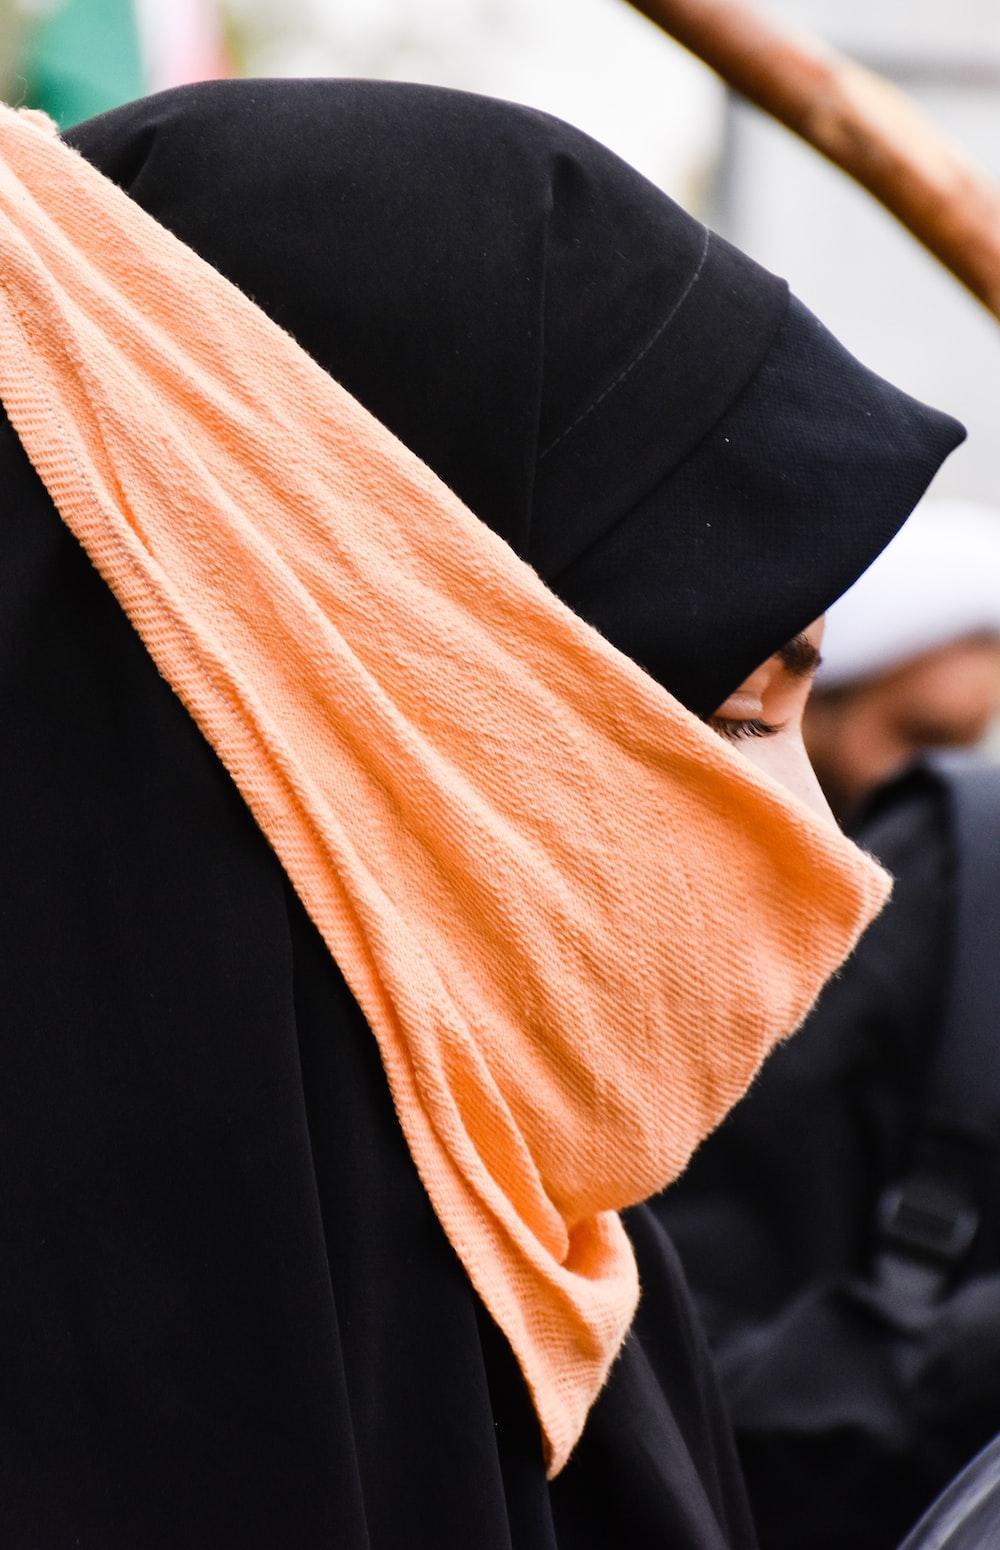 woman wearing black abaya dress